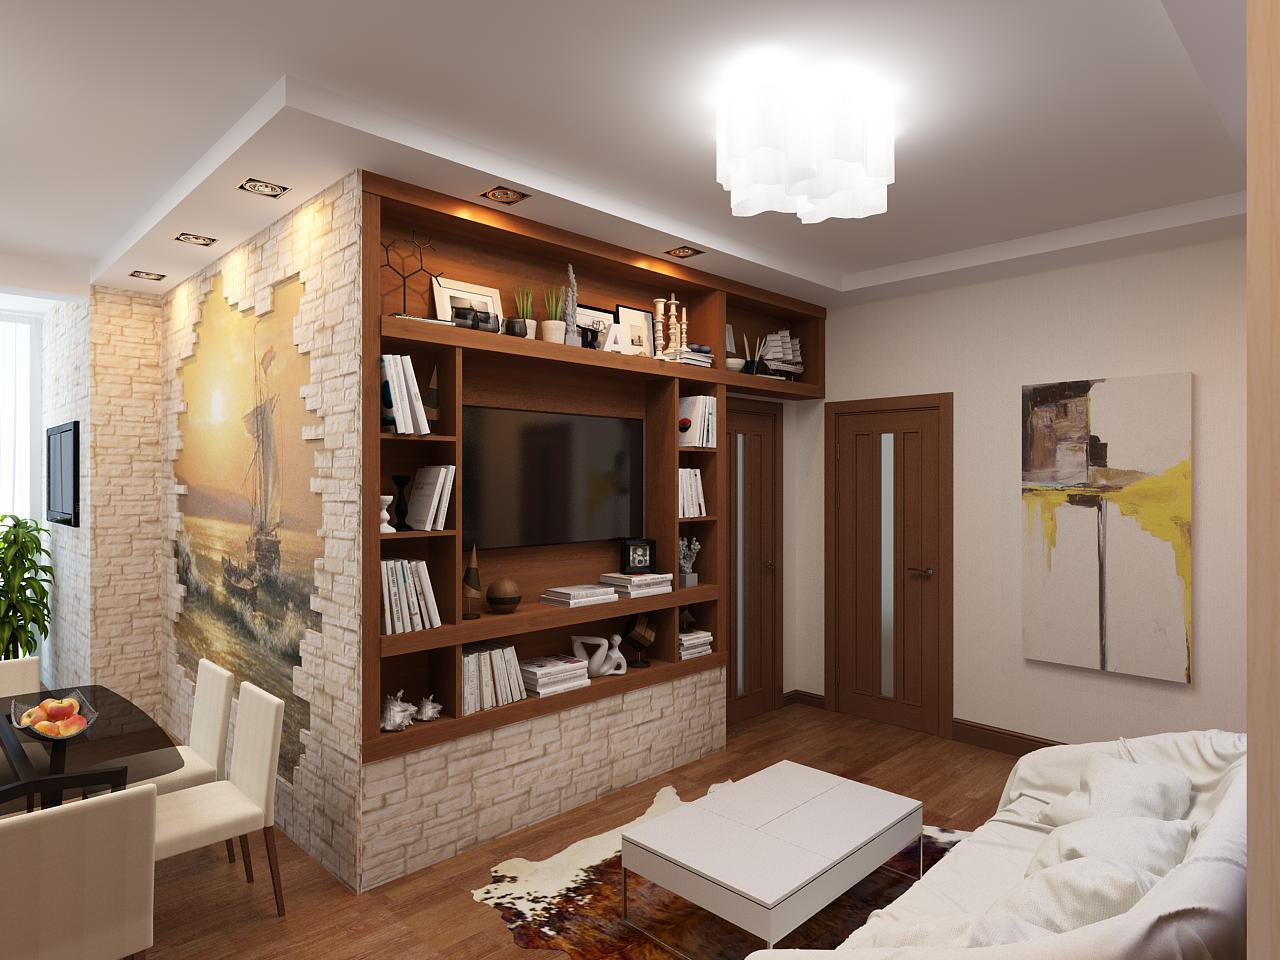 Bookshelf zoning method of he small studio with walk through living zone